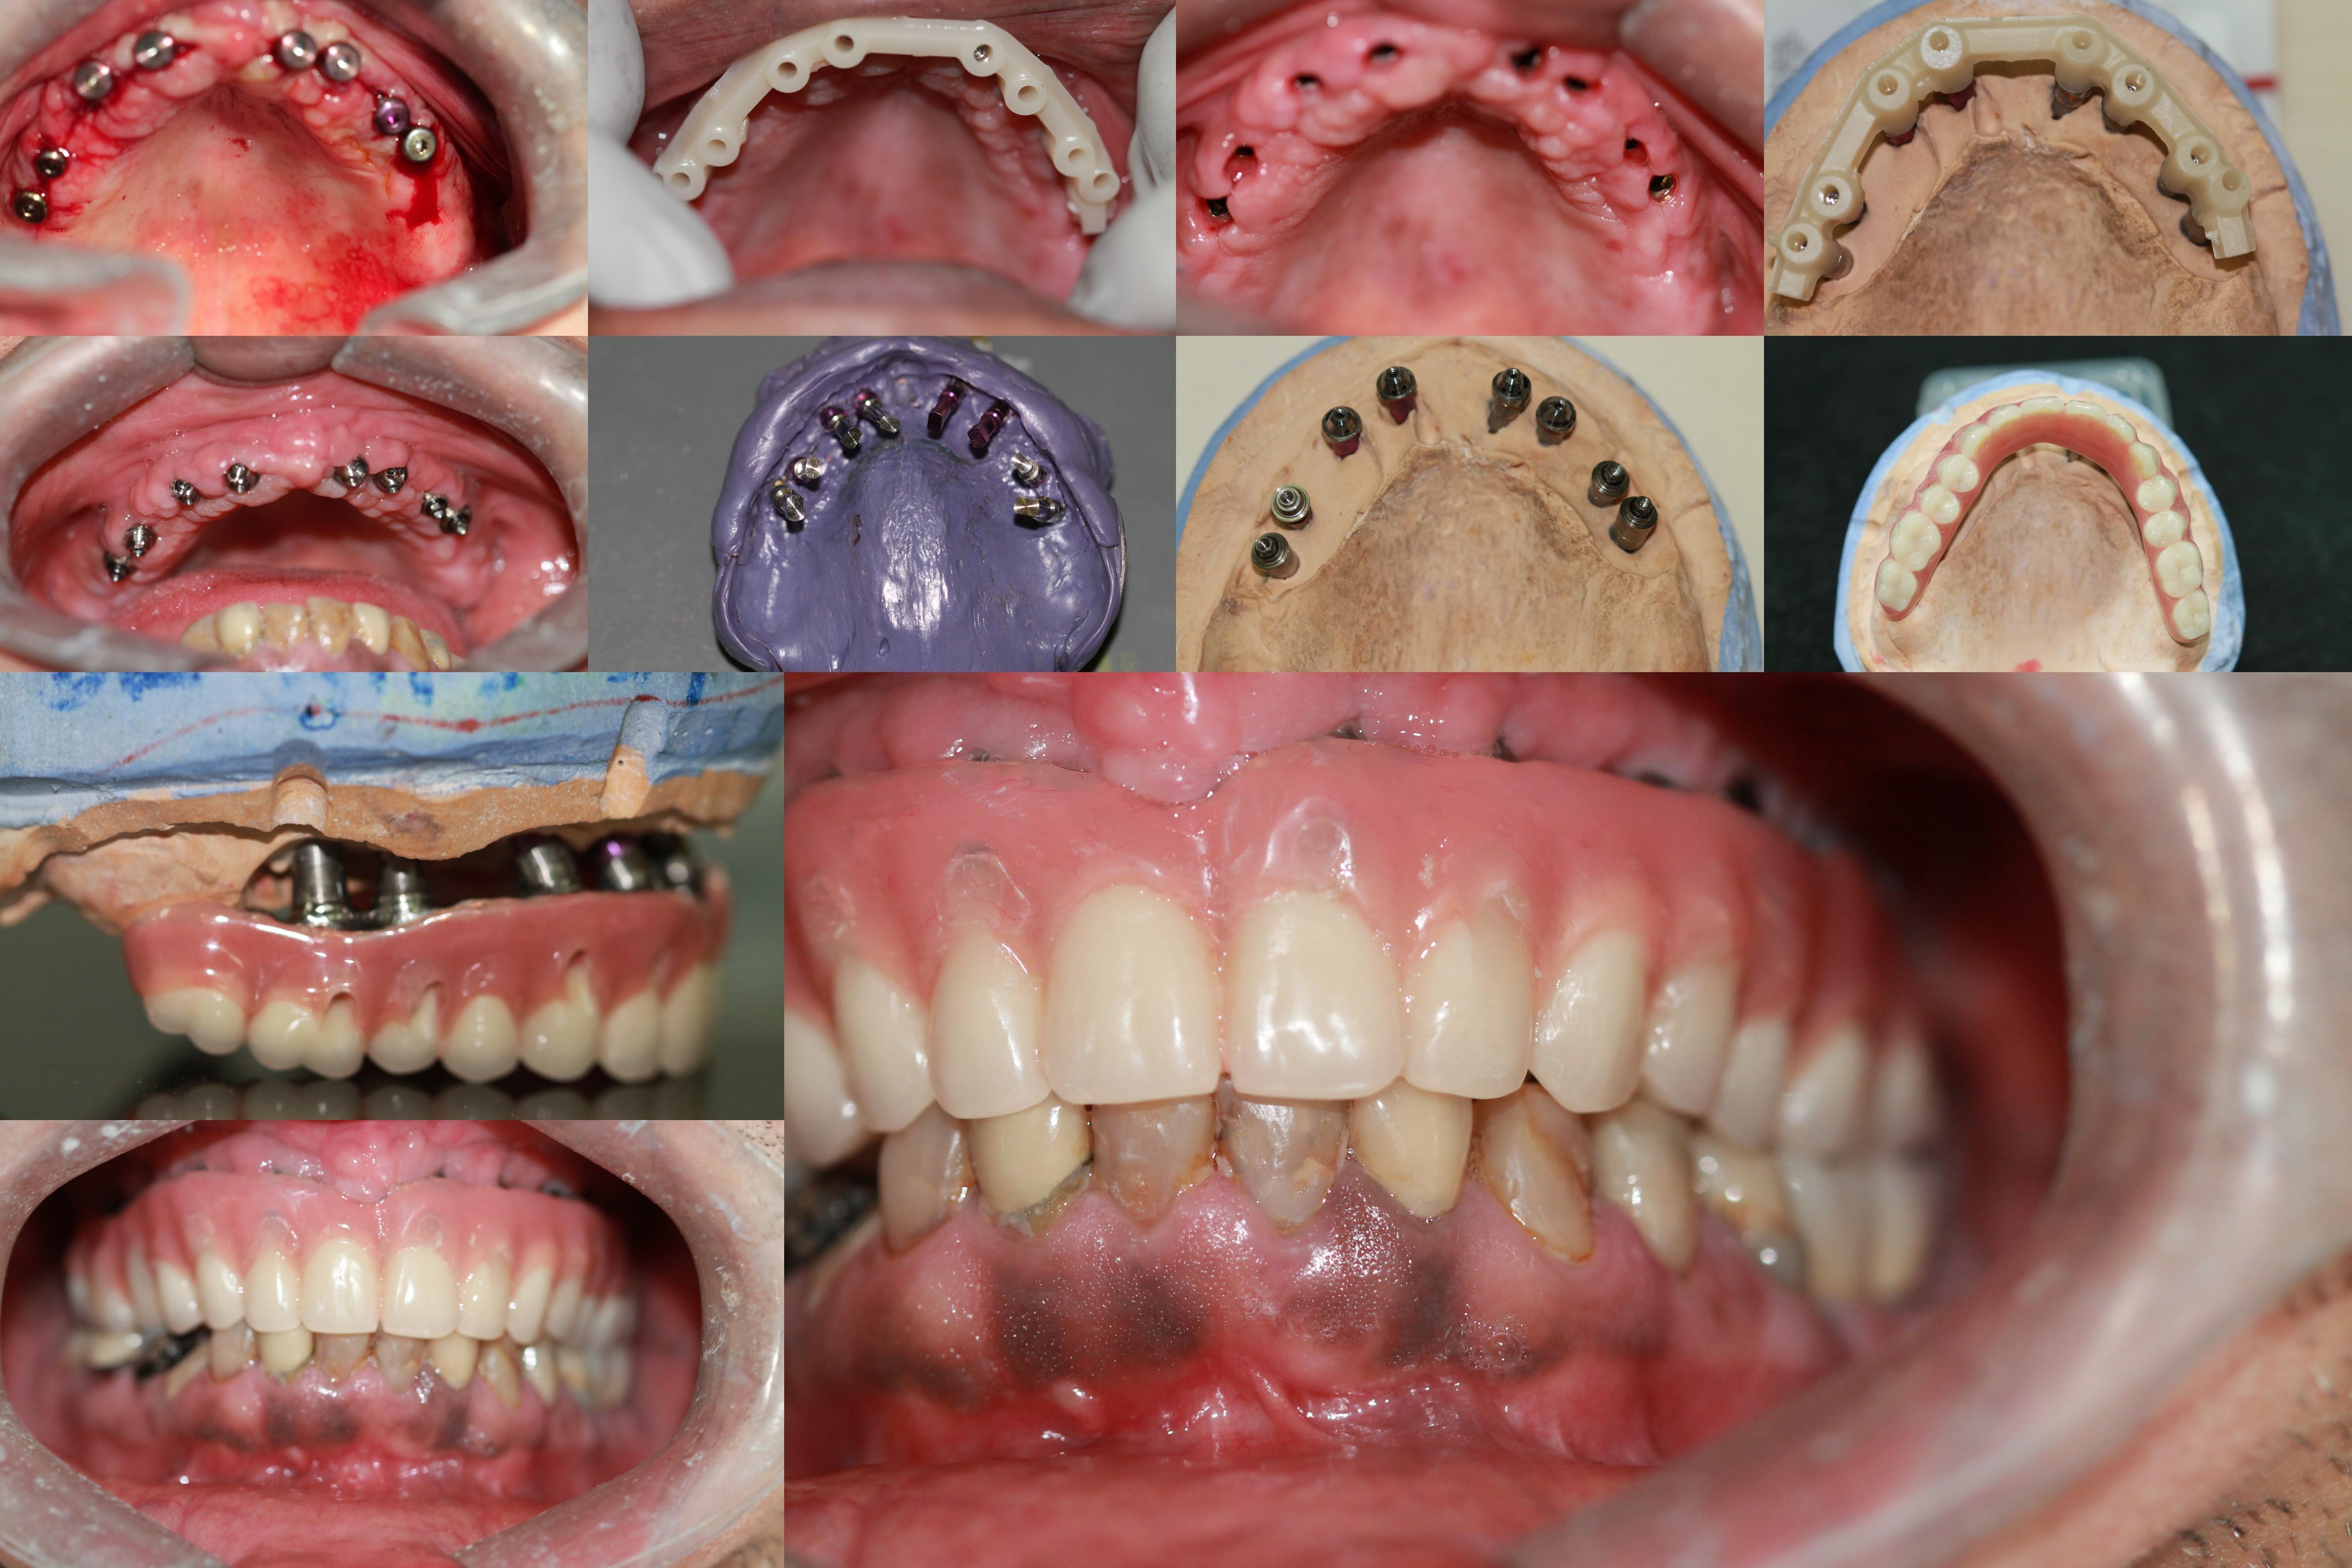 Full Mouth Rehab using Dental Implants Bhandari Dental Clinic Mukund Nagar,Pune